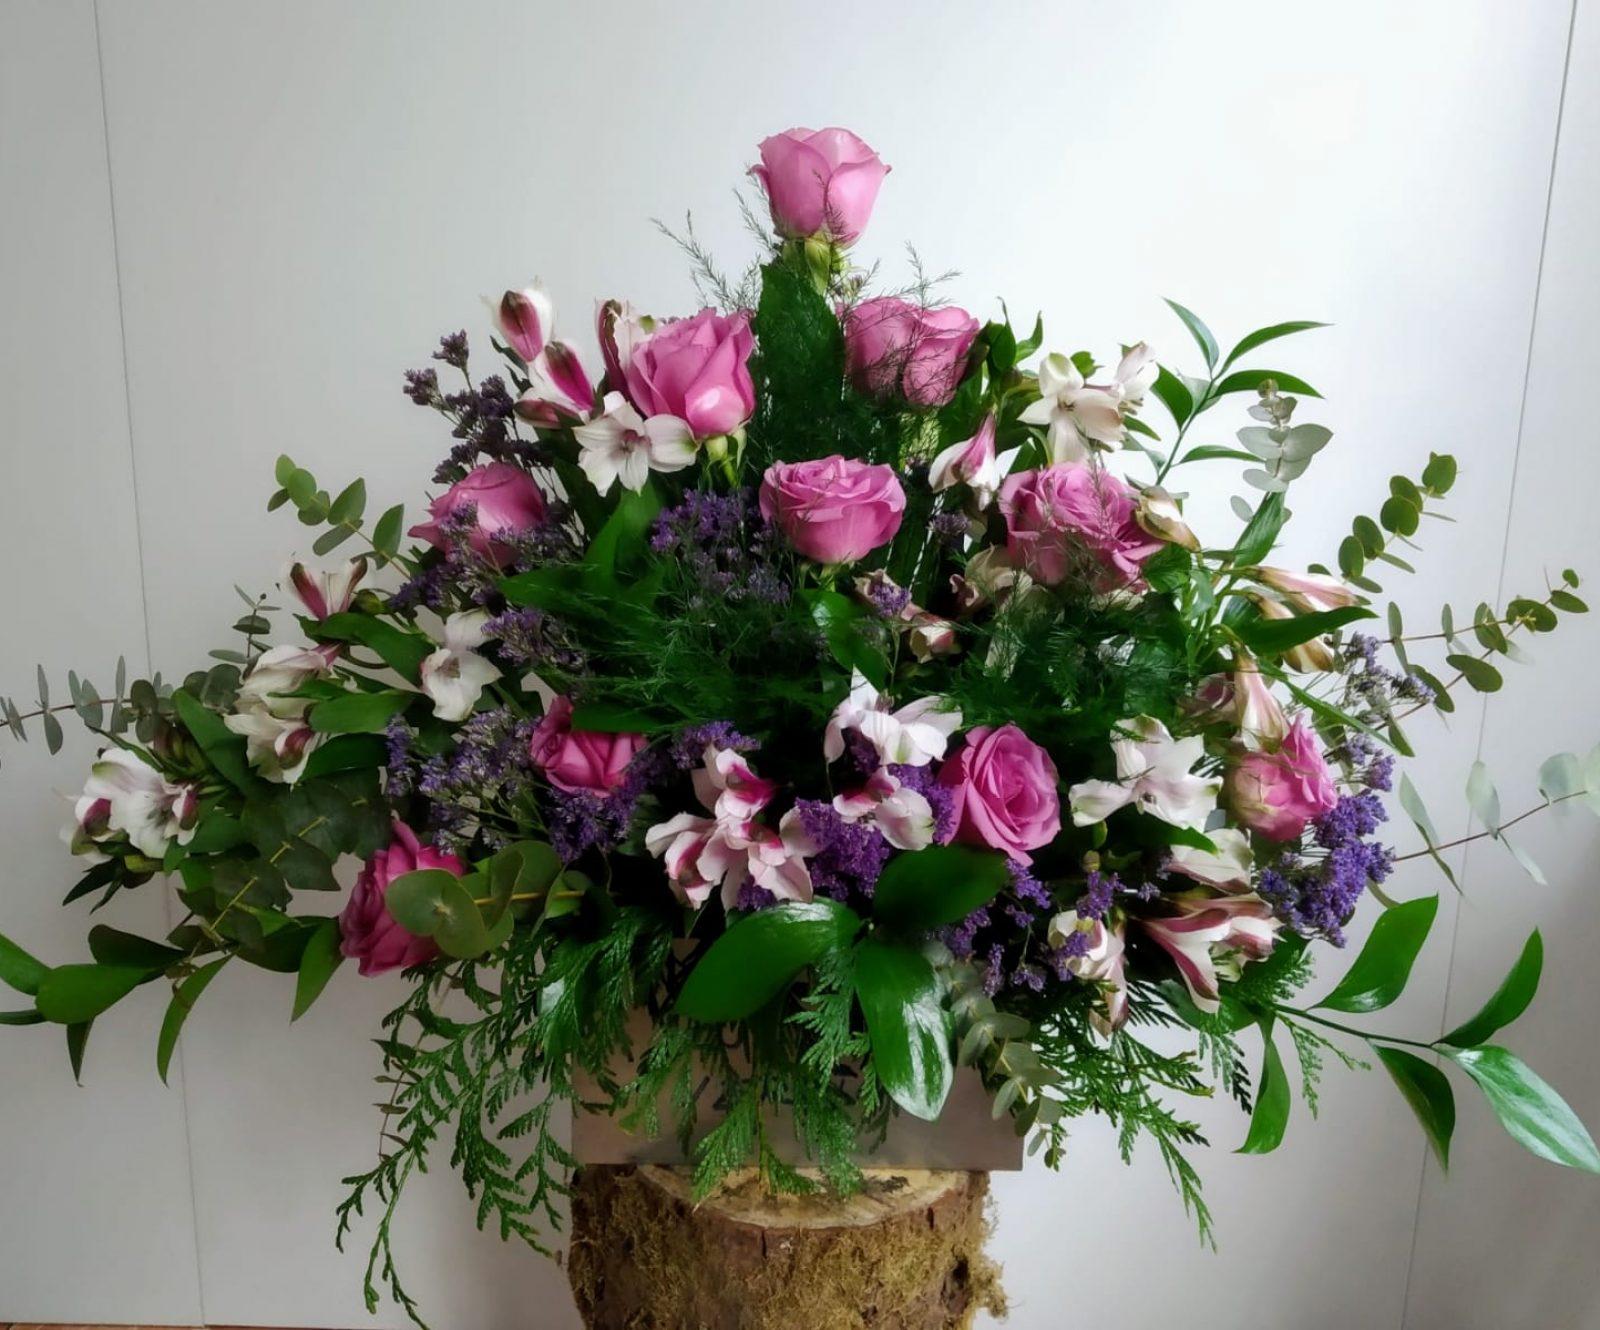 Centro de rosas y alstroemeria con verdes variados